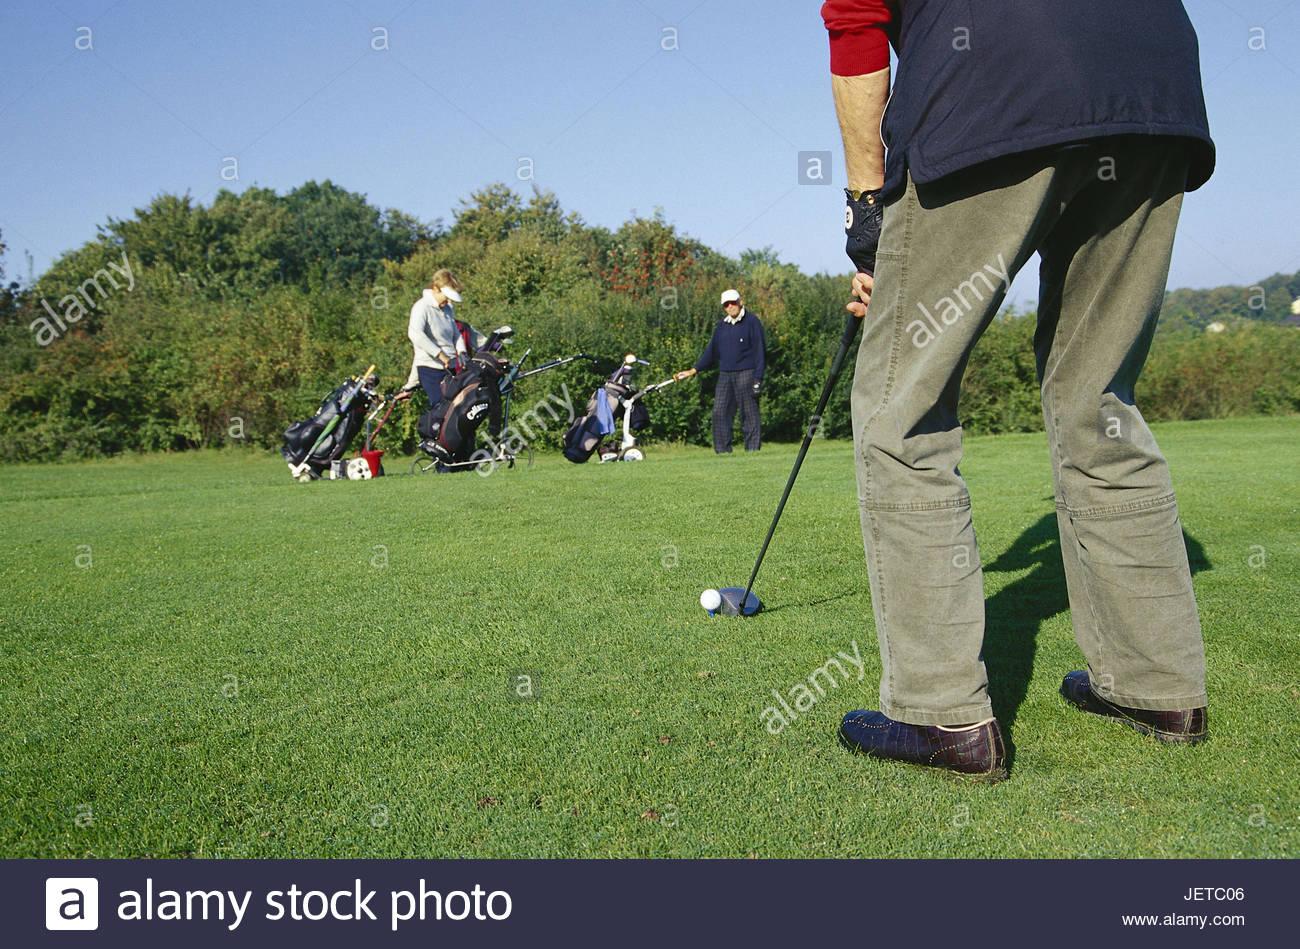 Germany, North Rhine-Westphalia, Halle, golf club of Teutoburger wood, golfer, punt, Westphalian, sport, leisure - Stock Image